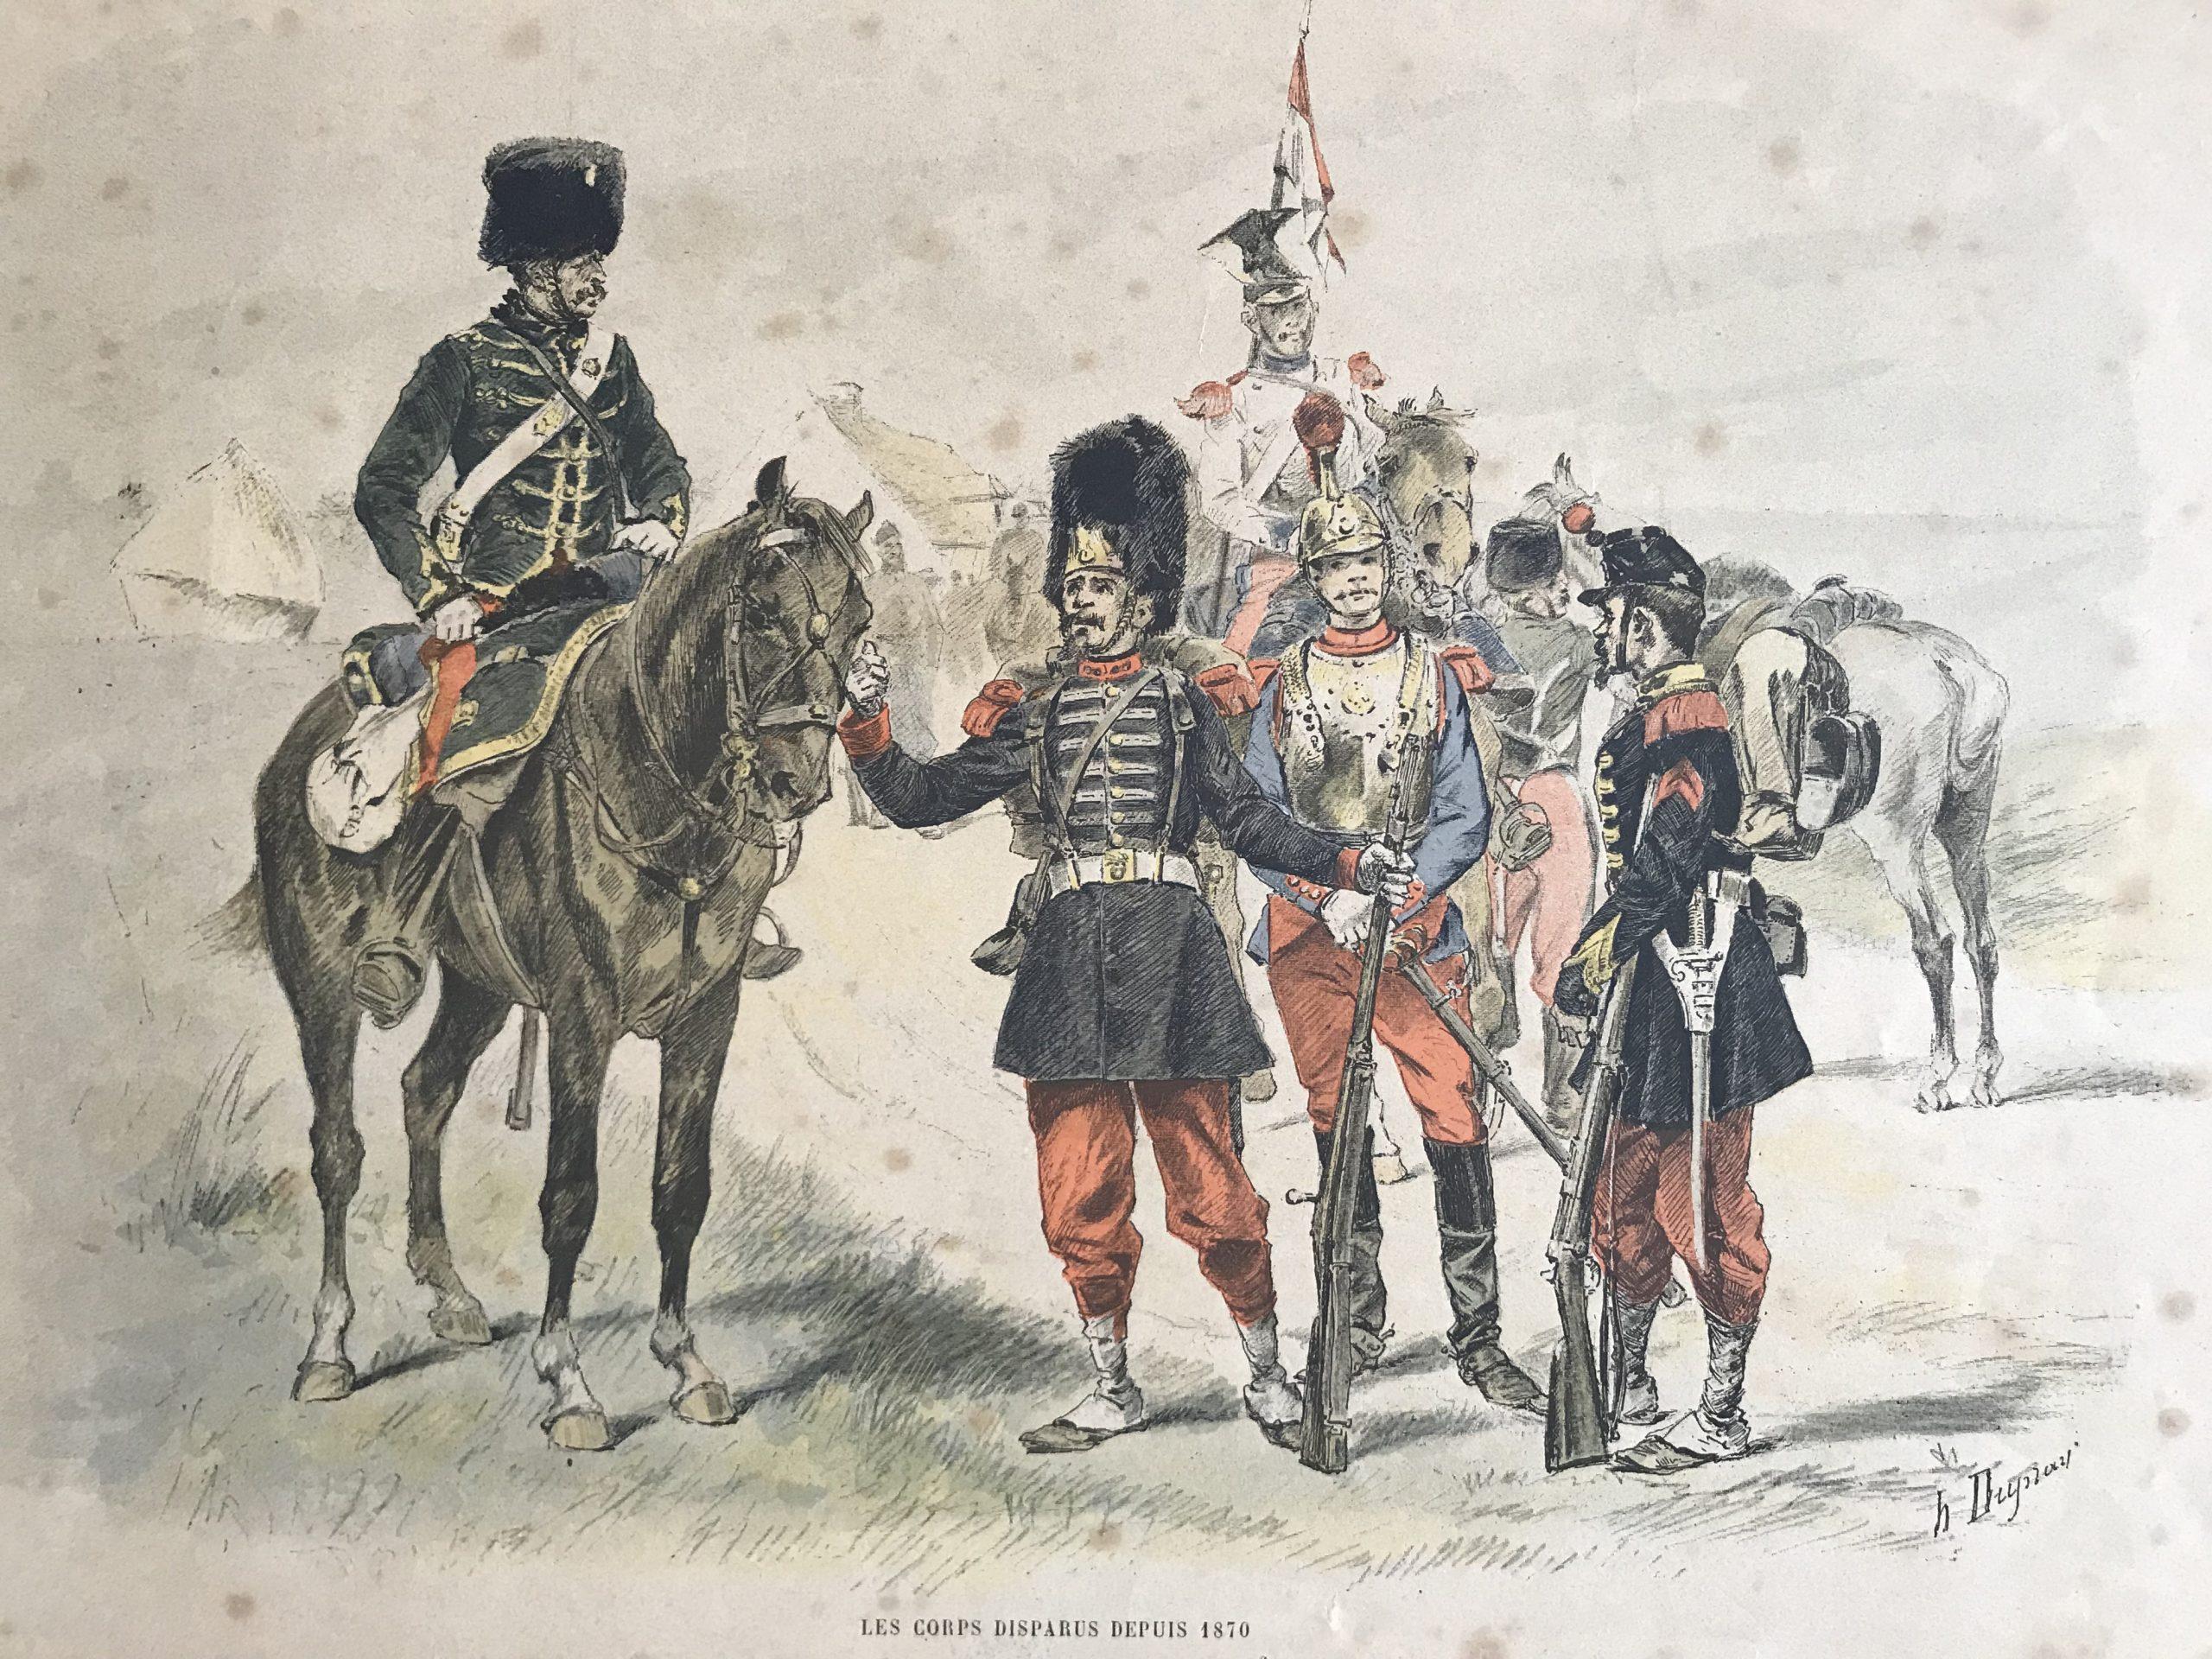 Gravures XX - Les corps disparus depuis 1870 - Armée Française - Dupray - Garde Impériale - Lancier - Carabinier